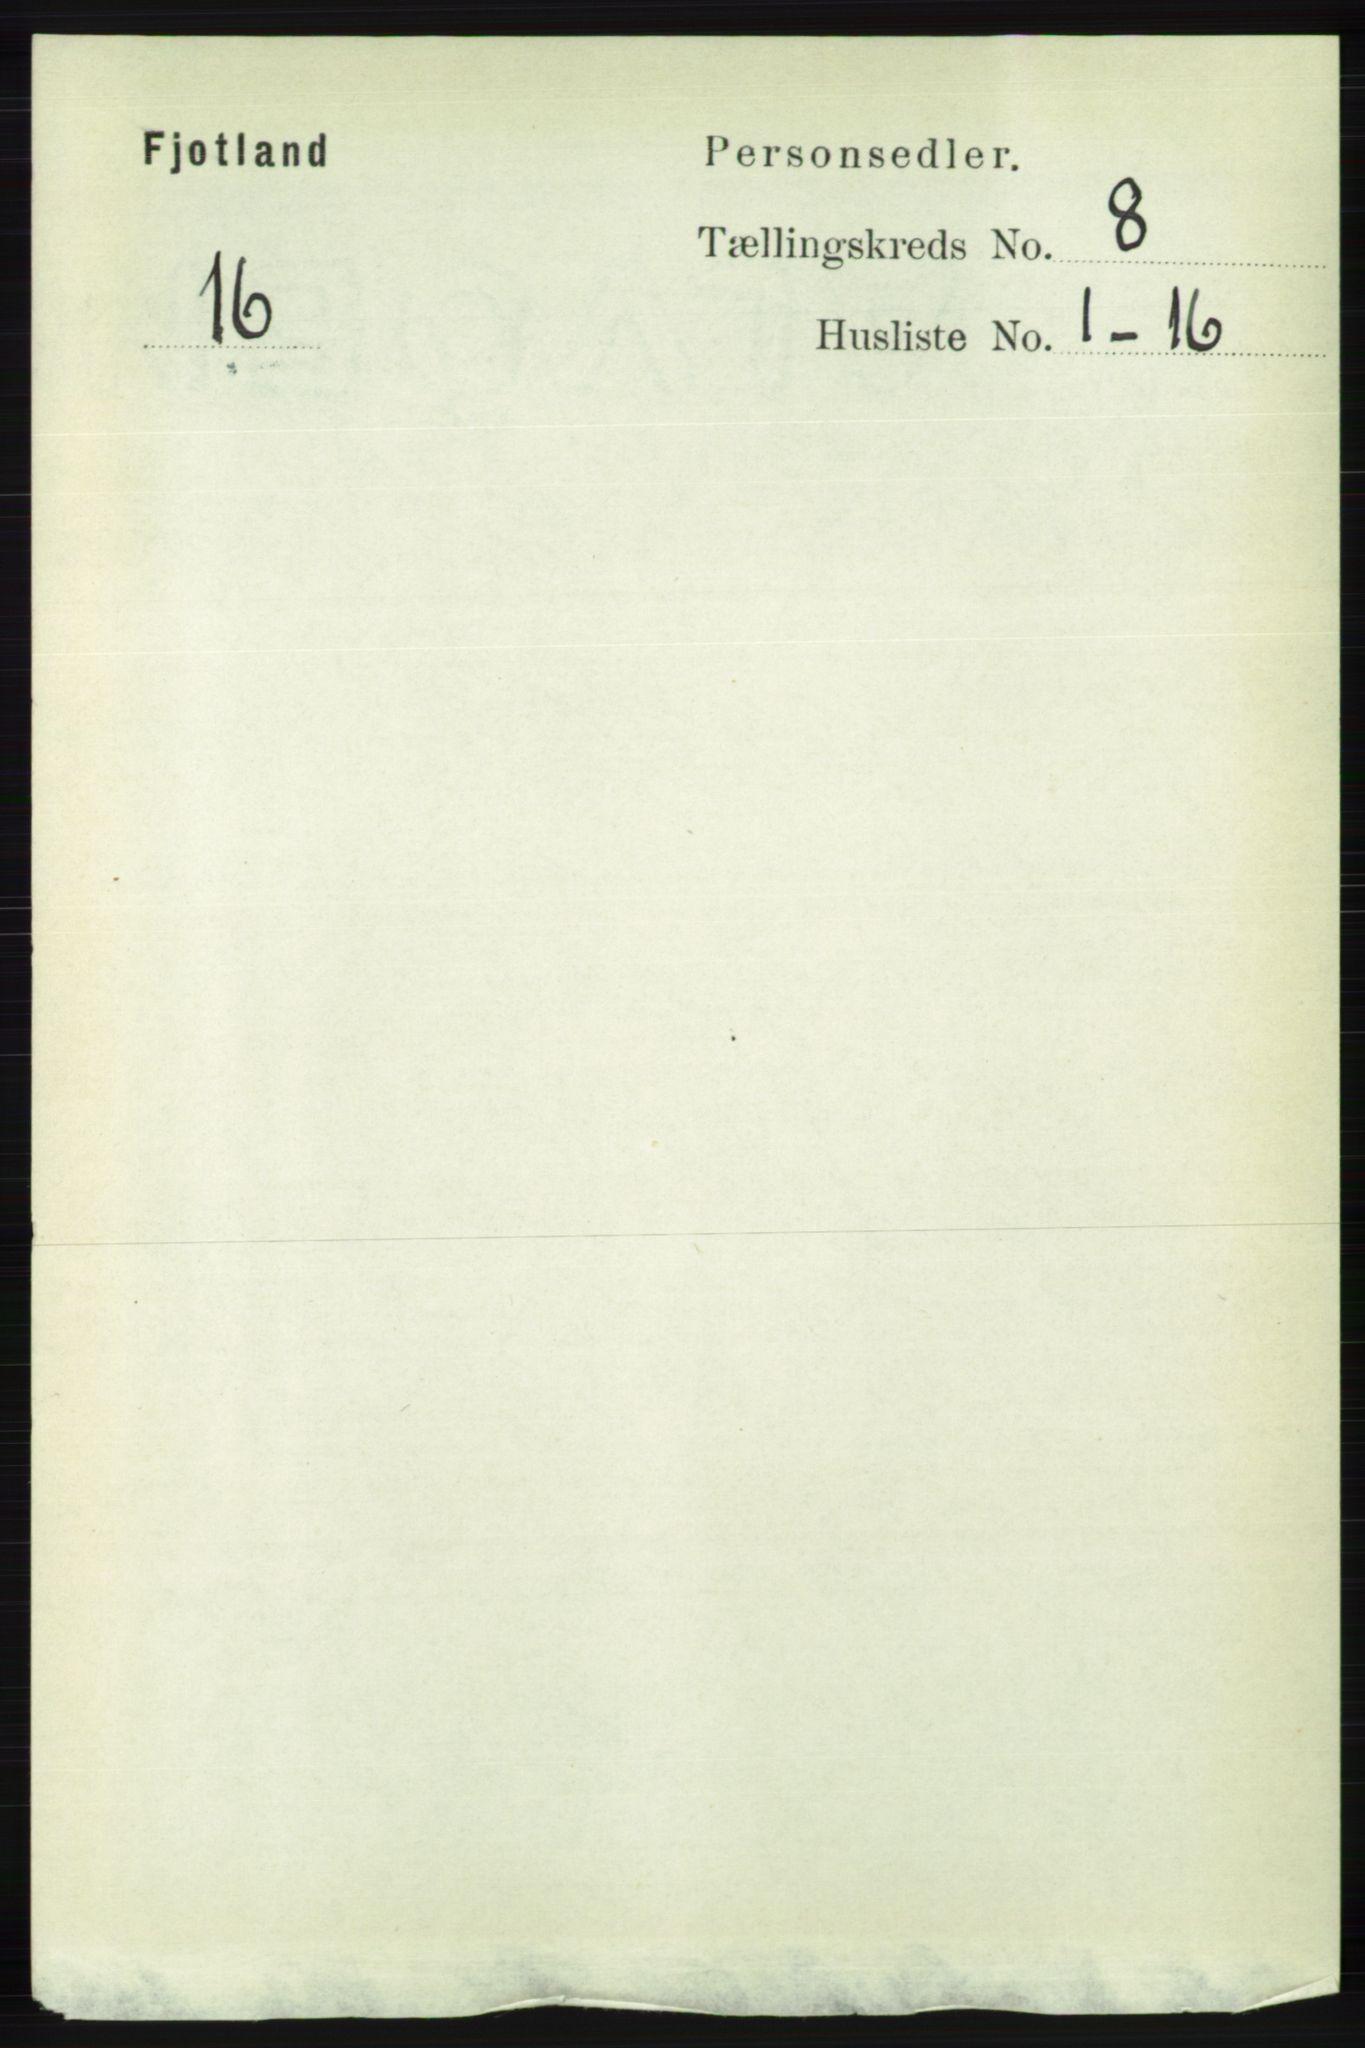 RA, Folketelling 1891 for 1036 Fjotland herred, 1891, s. 1188